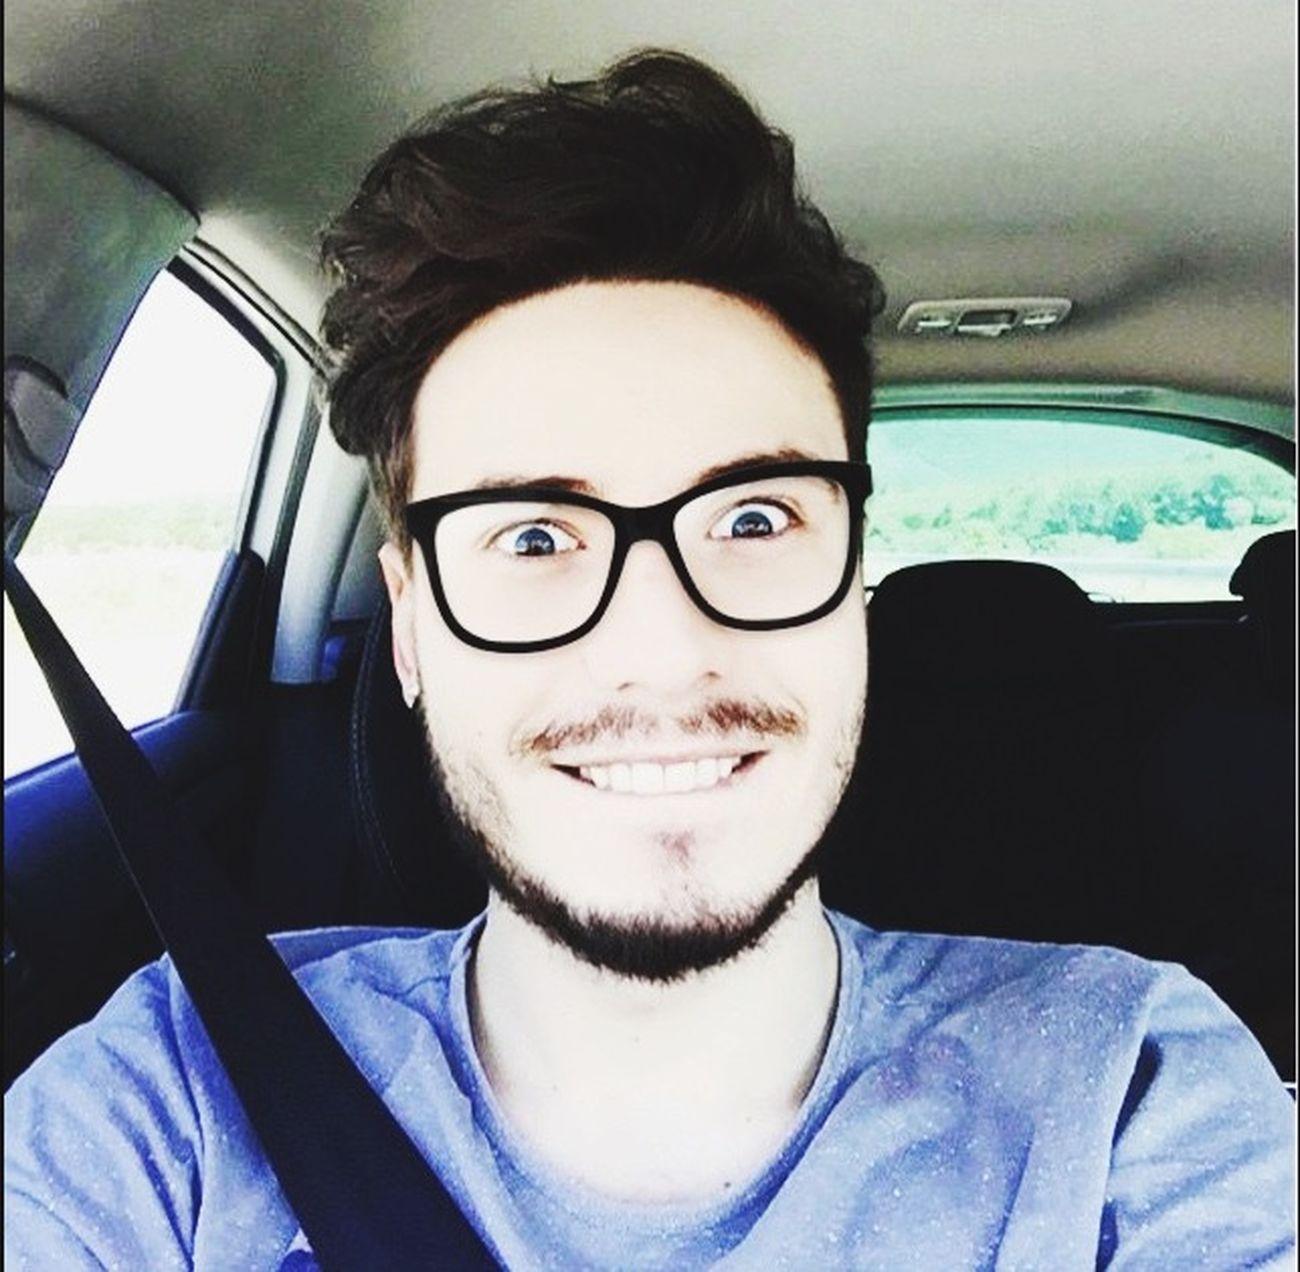 Küpe Gozluk Gozler Eyes Selfie ✌ Smile Happy Mutluluk Ay çok mutluyum 😂